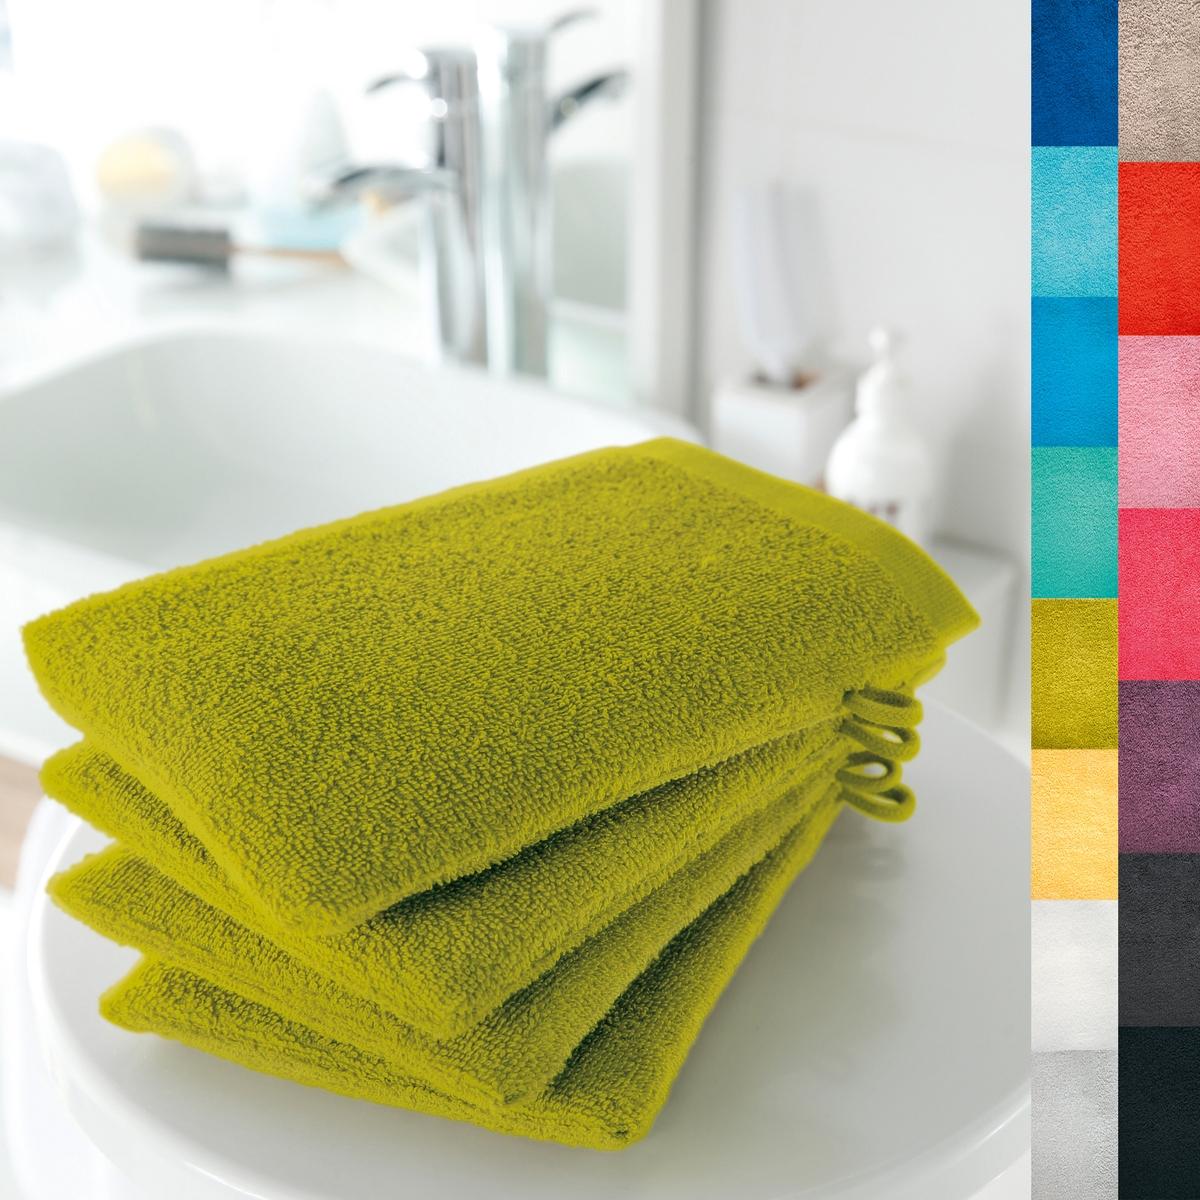 4 банные рукавички, 420 г/м?Мягкая и прочная ткань, 100% хлопка, 420 г/м?. Кайма крупинки. Отличные впитывающие свойства. Размер 15 х 21 см. Стирка при 60°. Превосходная стойкость цвета.  Машинная сушка. В комплекте 4 рукавички.<br><br>Цвет: голубой бирюзовый,зеленый анис<br>Размер: 15 x 21  см